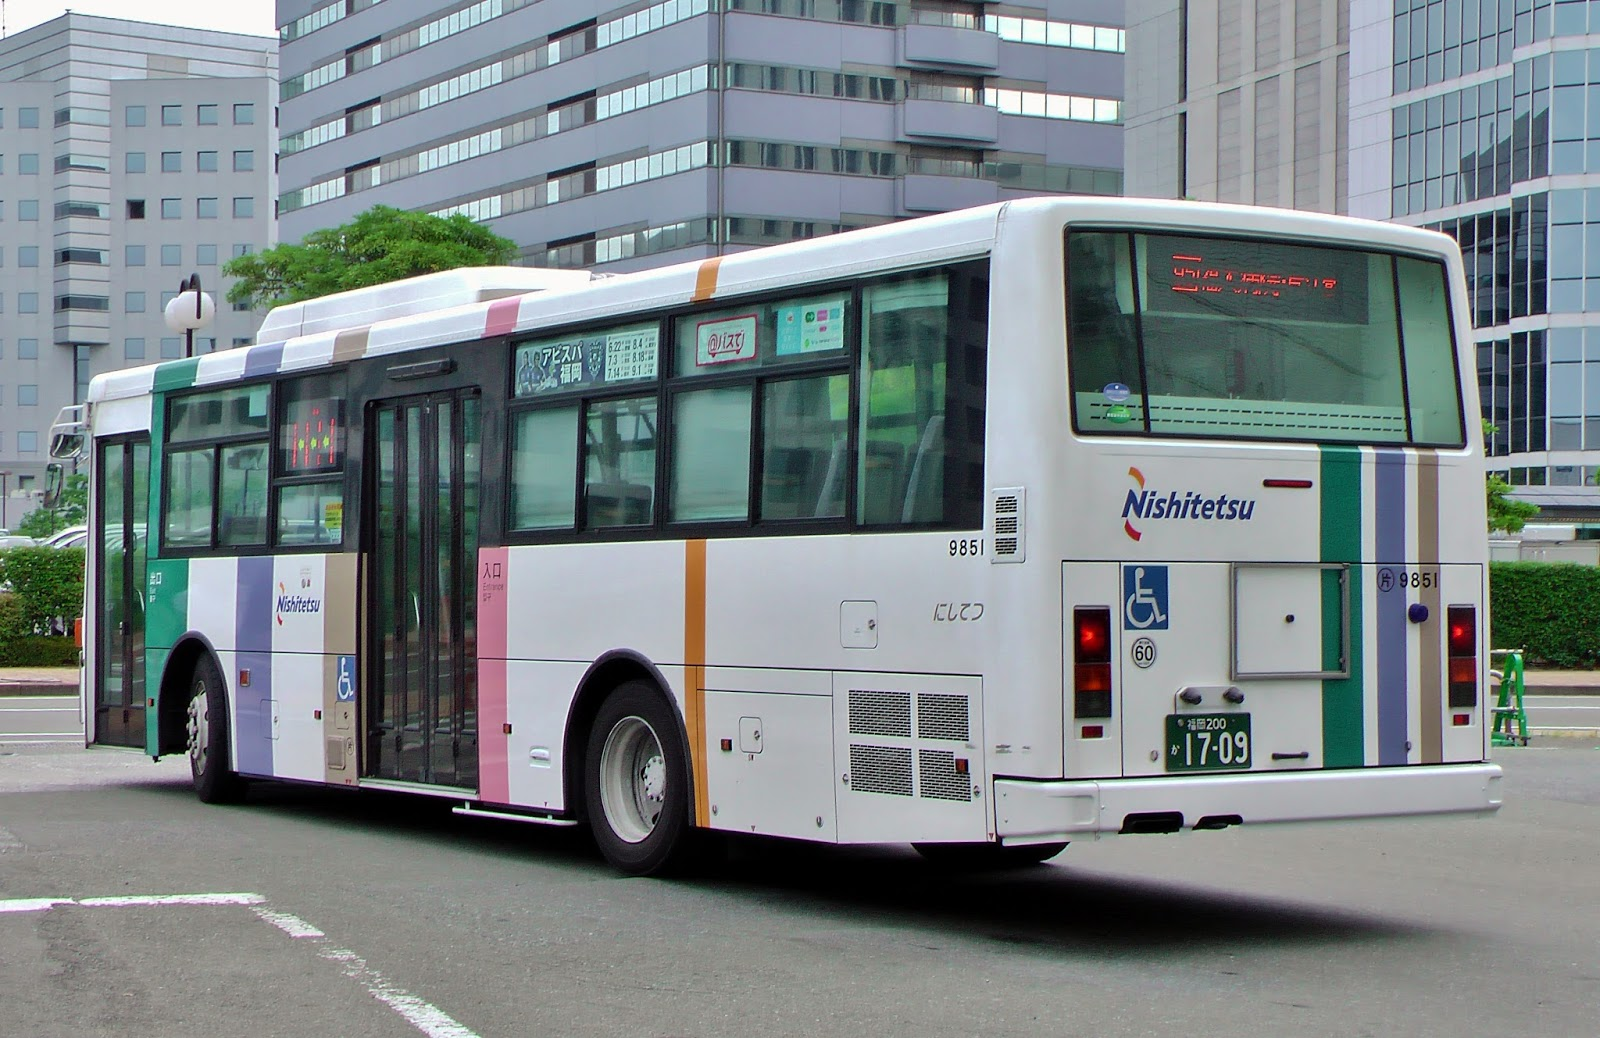 広島のバス: 西鉄バス 福岡200か1709